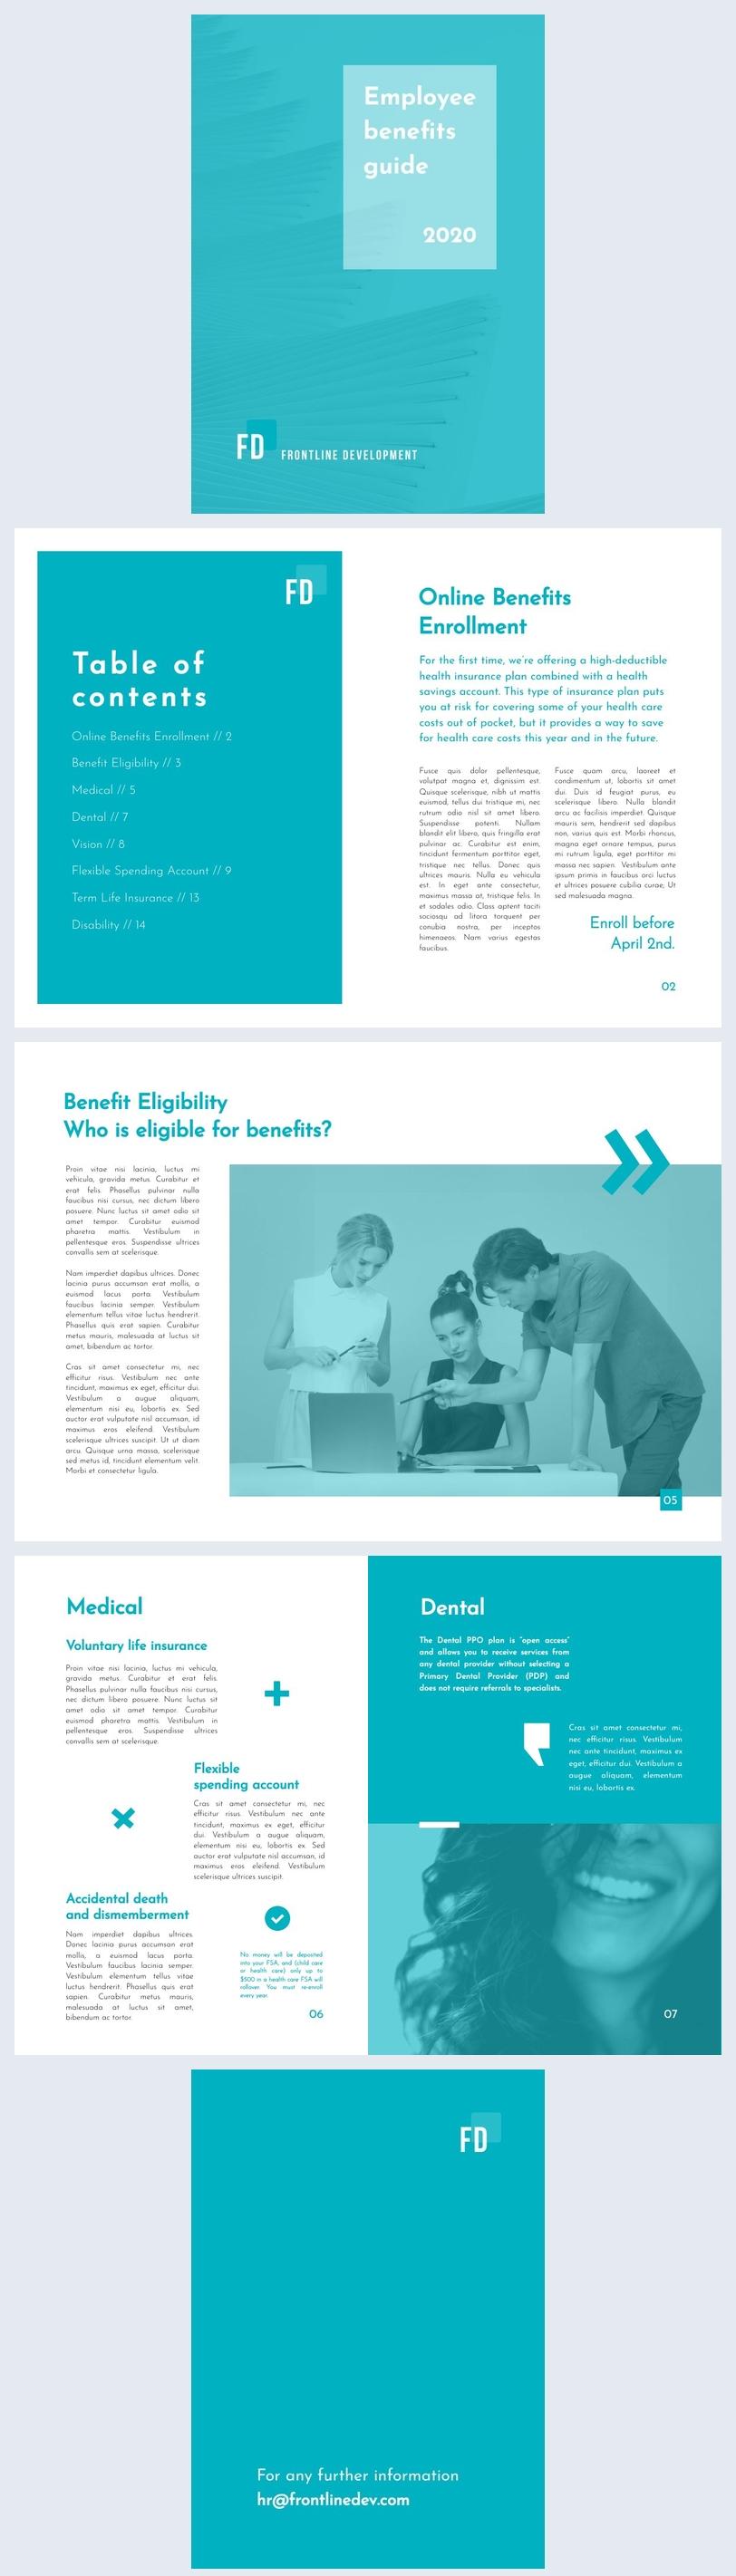 Exemple de mise en page de guide des avantages sociaux pour employés